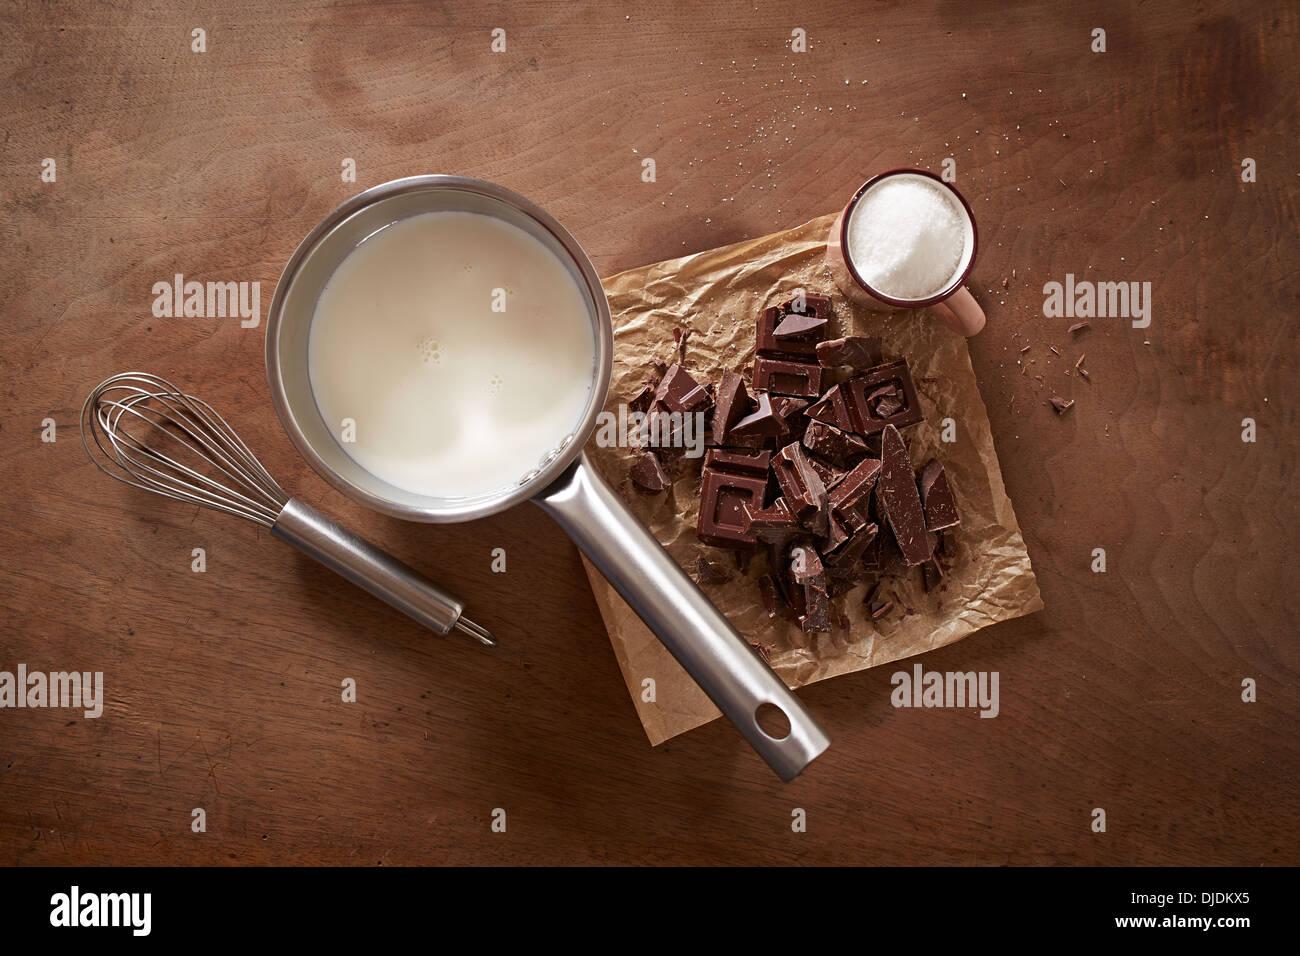 Cioccolata calda con ingredienti a base di latte sul tavolo in legno si affacciano shot Immagini Stock